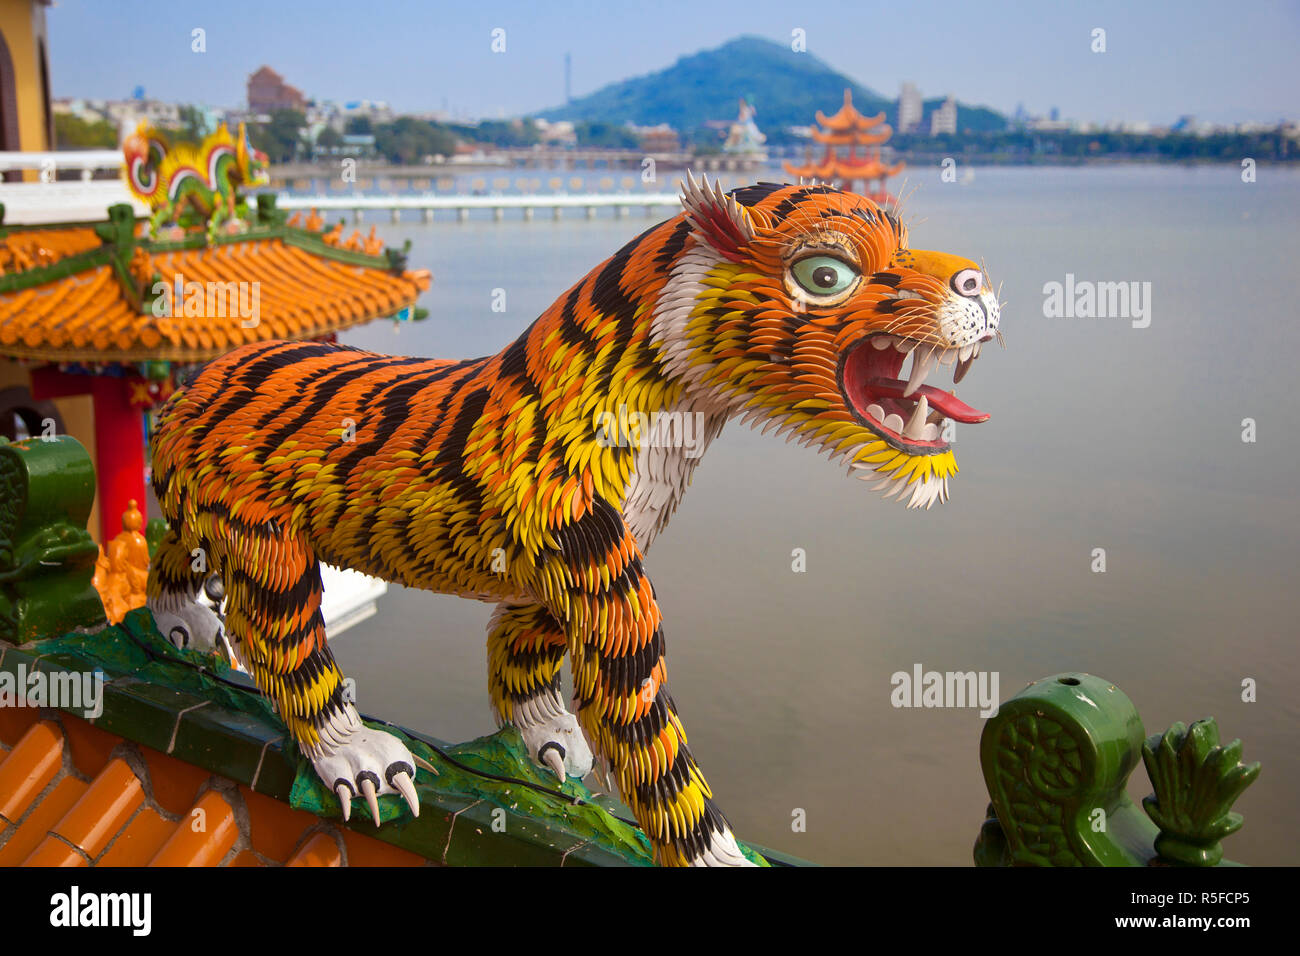 Taiwán, Kaohsiung, estanque de lotos, Templo de la torre de Tigre y Dragón Imagen De Stock